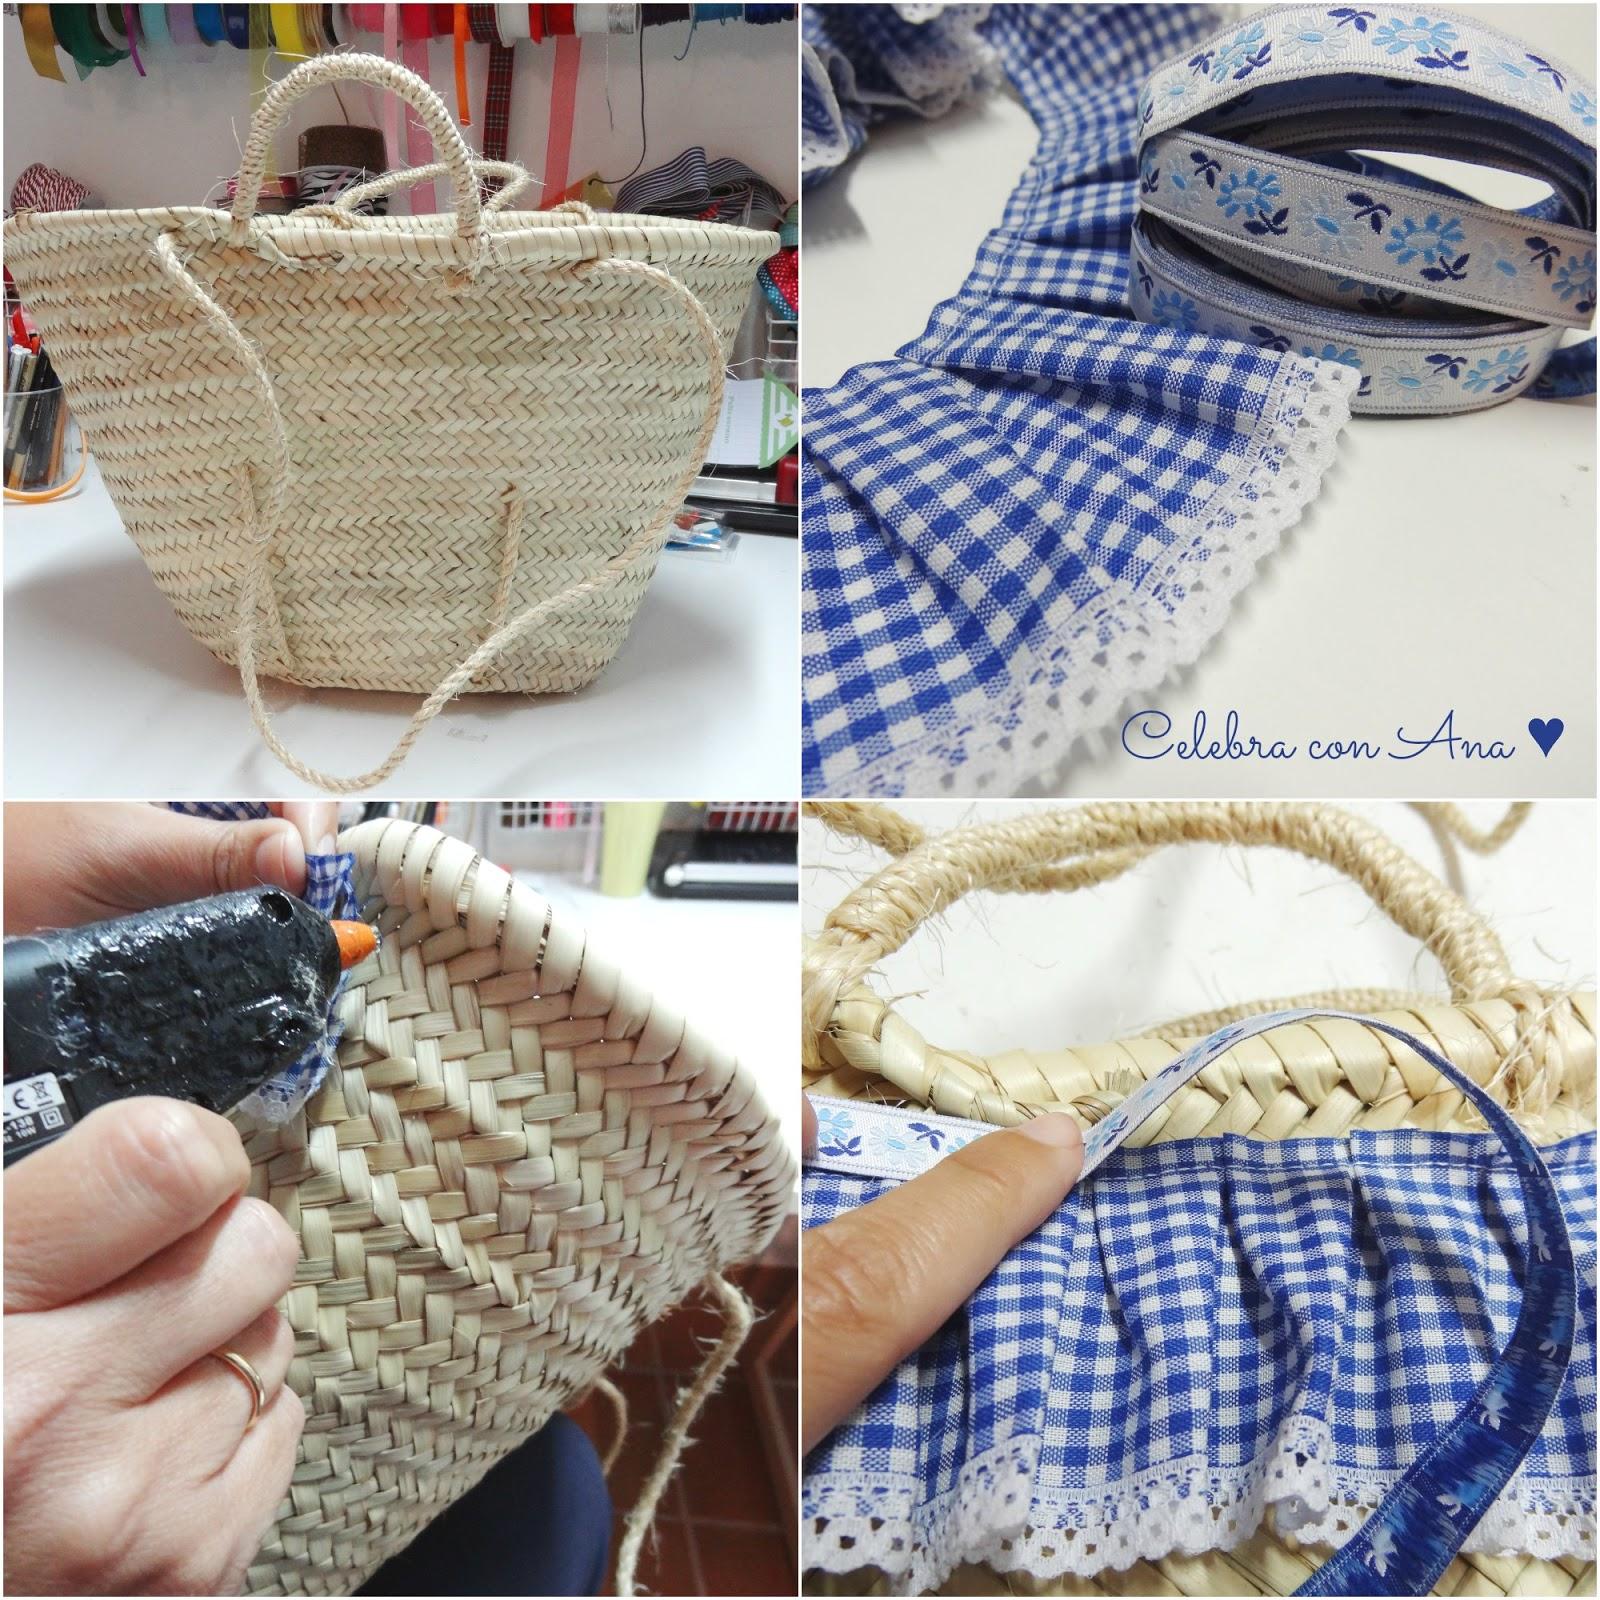 Celebra con ana compartiendo experiencias creativas - Como adornar una cesta de mimbre ...